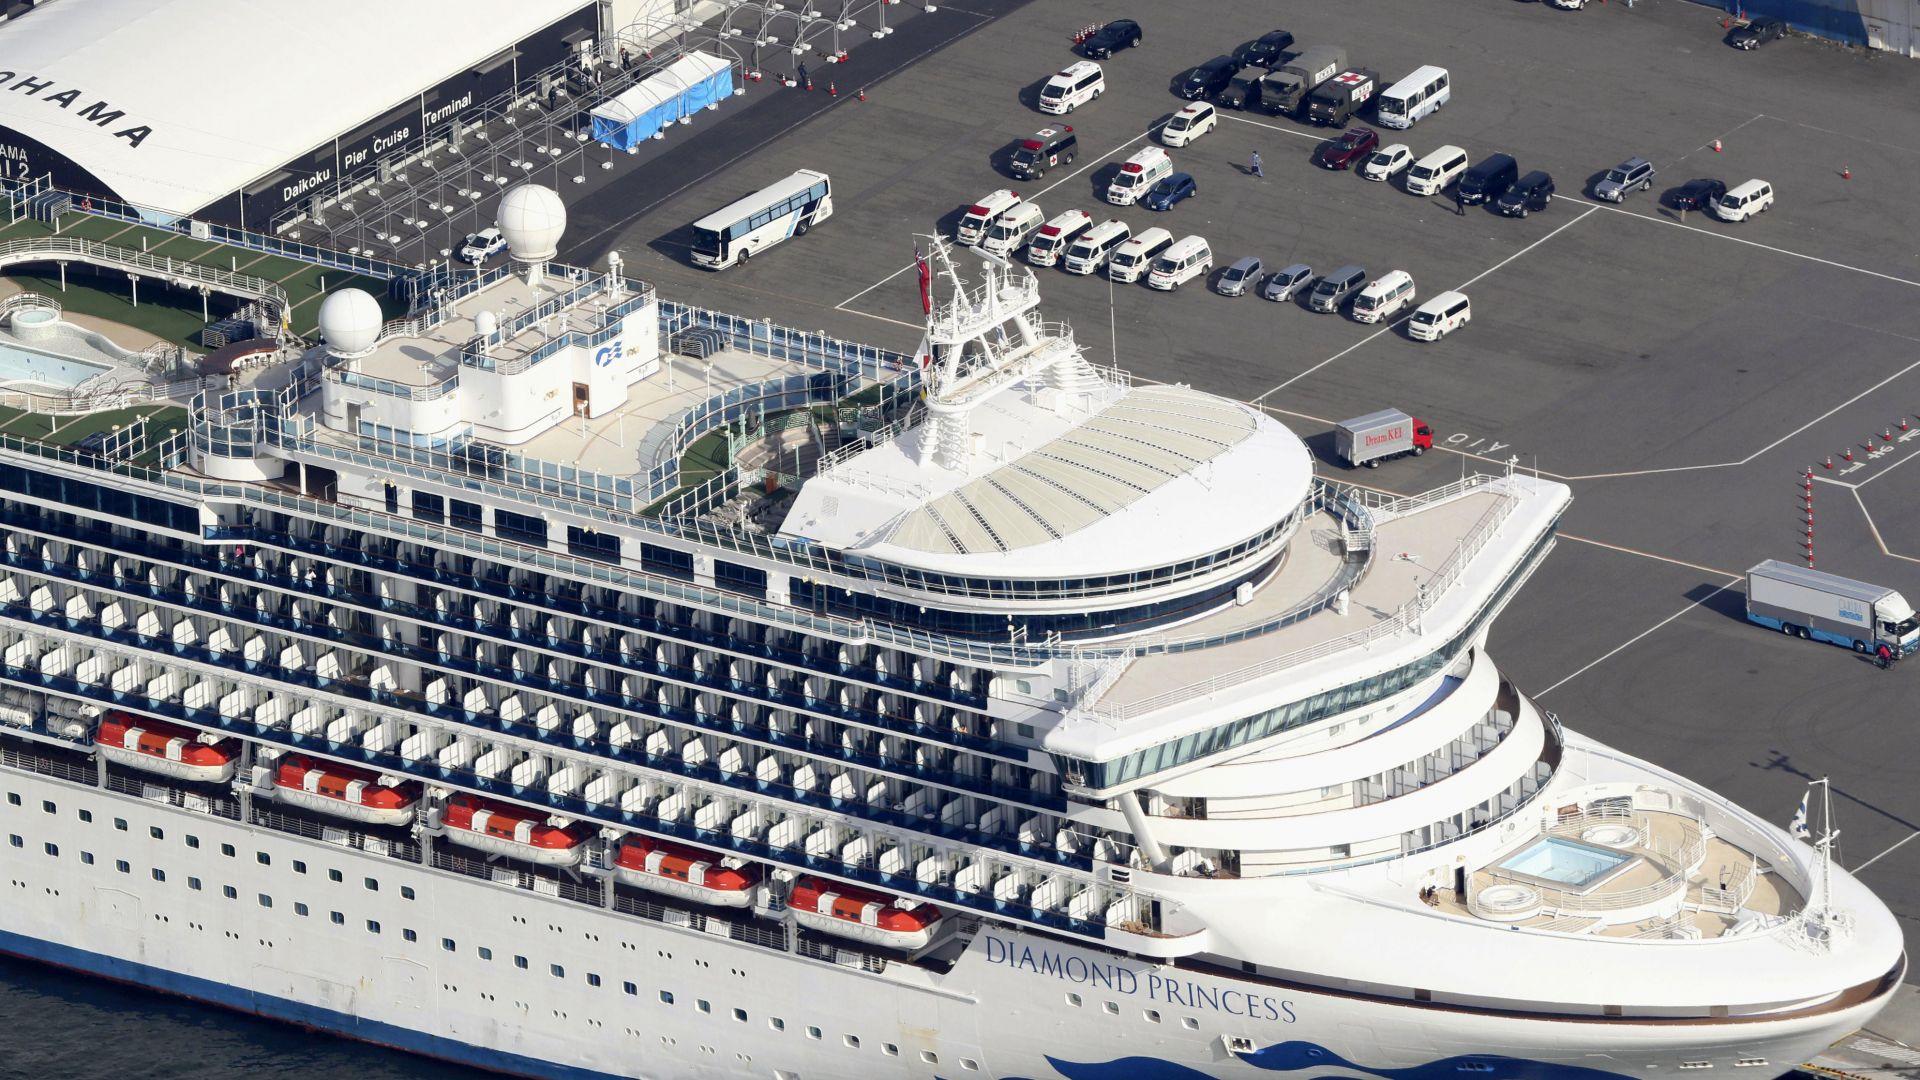 """Нови 39 души заразени с коронавирус на японския круизен кораб """"Даймънд принсес"""""""